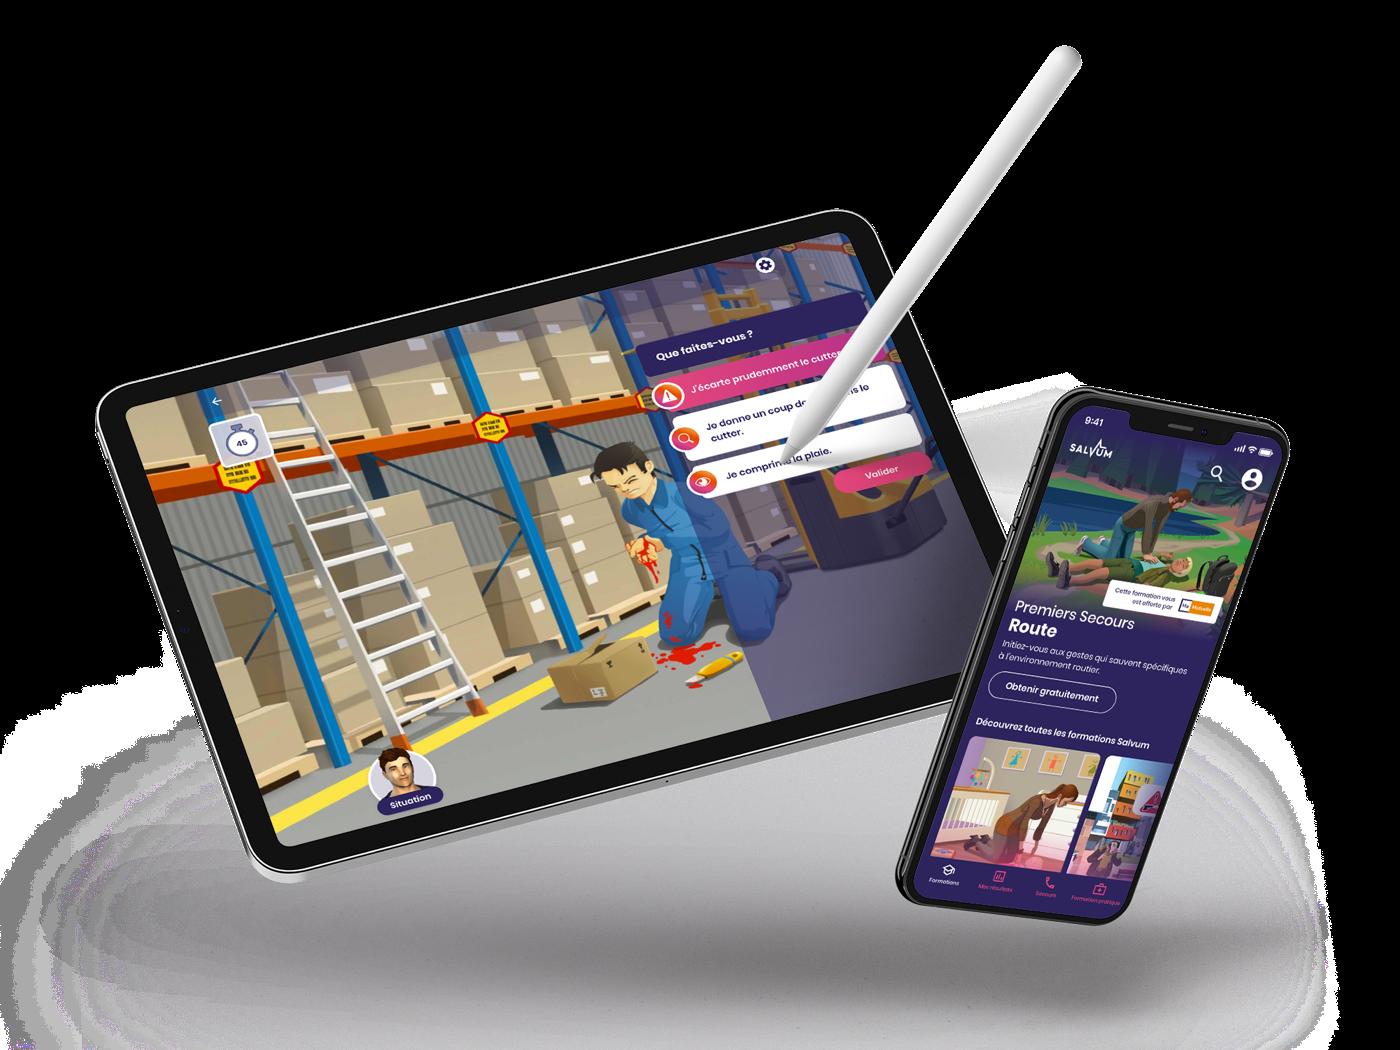 Des modules de formation interactifs et immersifs, disponible sur tout types de support : tablette, smartphone ou ordinateur.